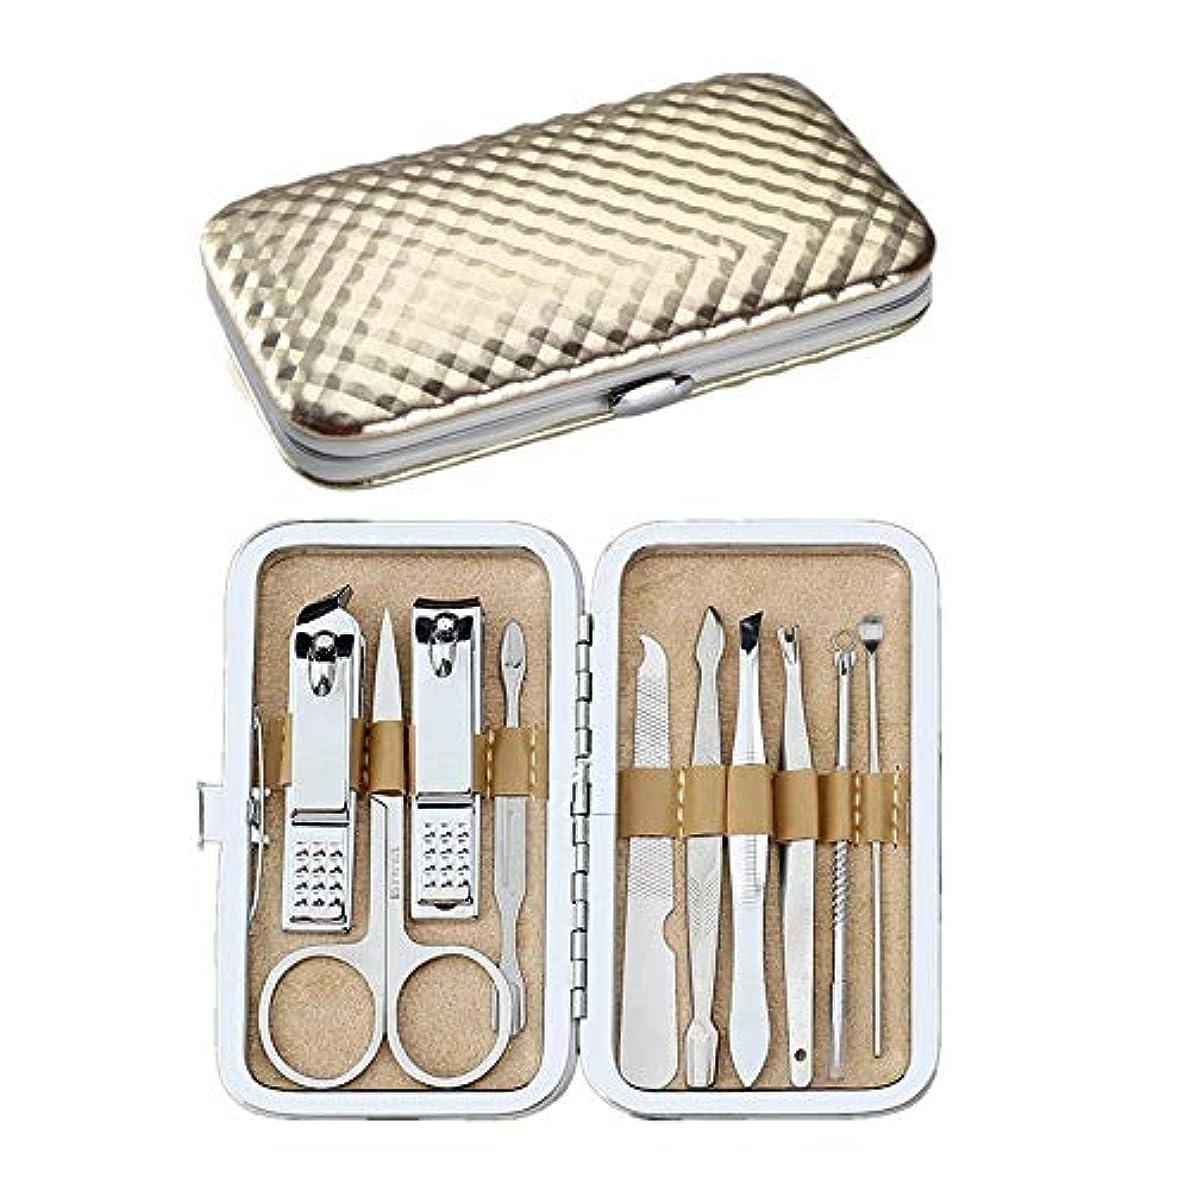 ペン終了しました約爪切りセット 高級感 ネイルケア10点セット グルーミング 収納箱携帯 金色